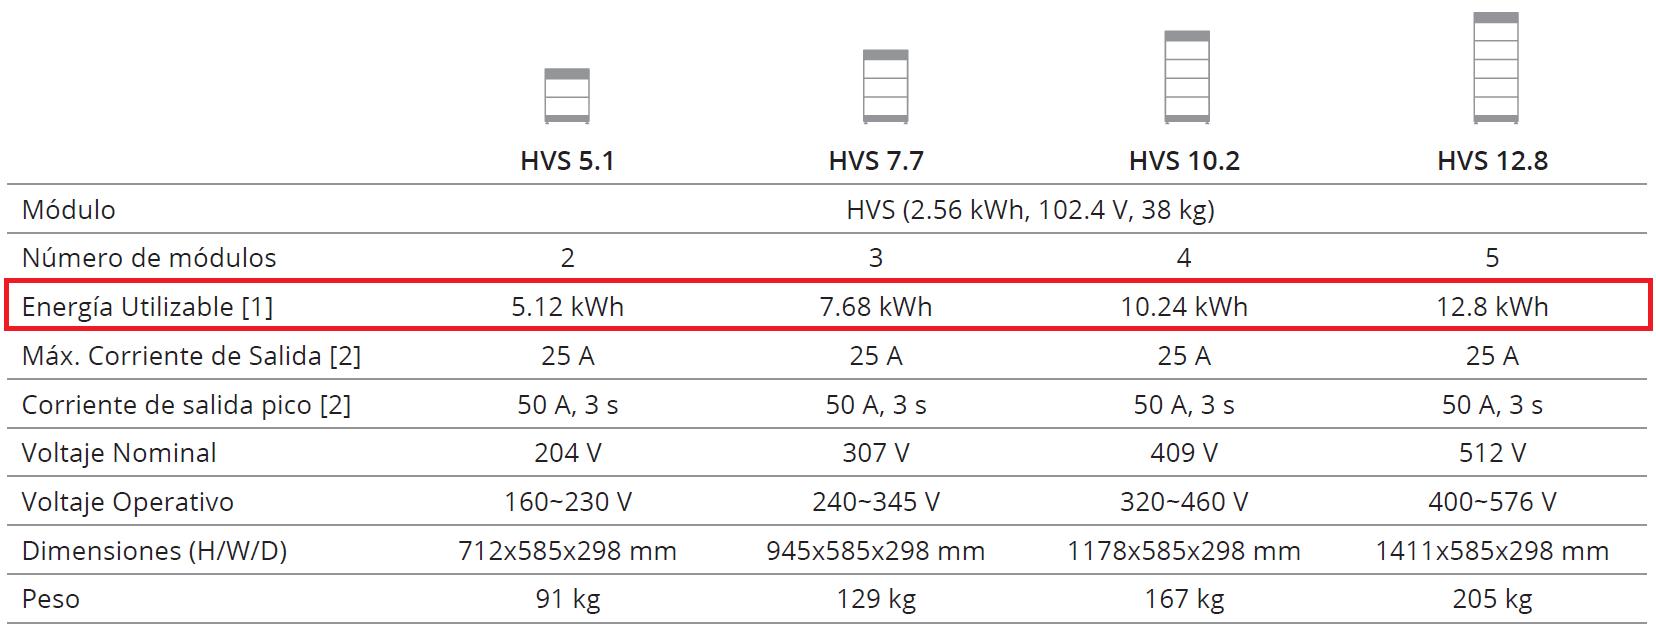 Batería solar de litio BYD HVS